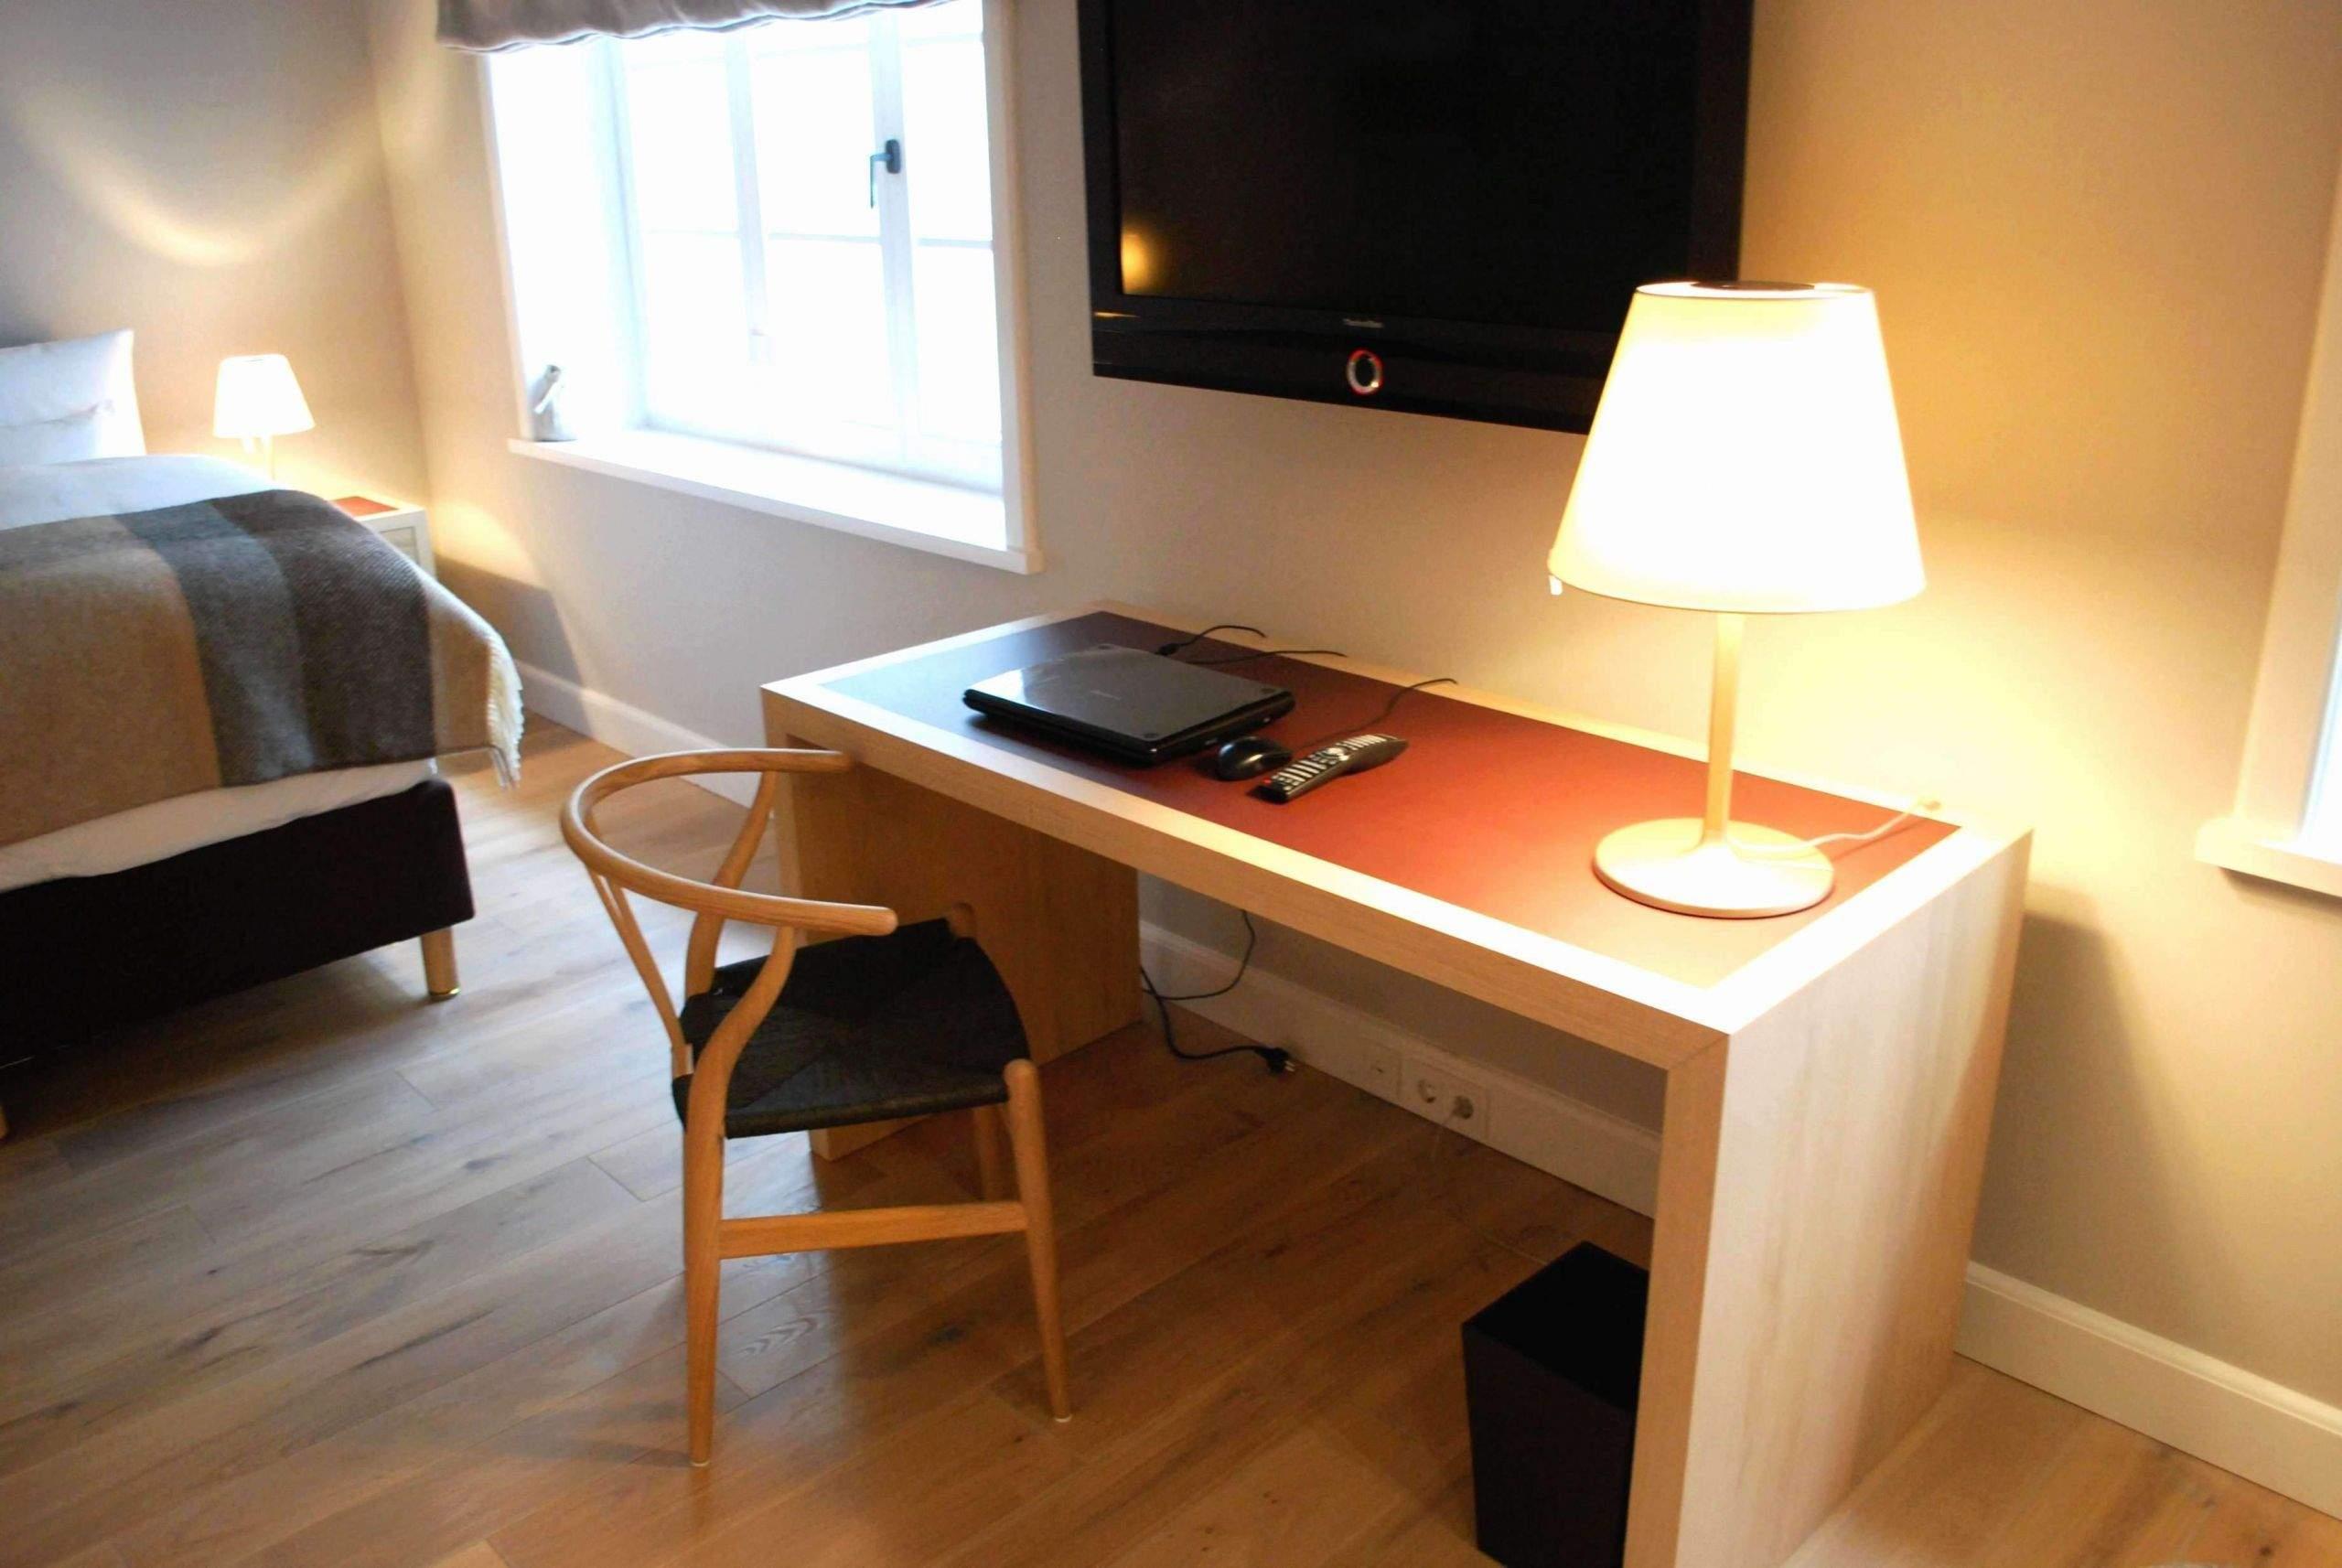 ausergewohnliche wandgestaltung wohnzimmer inspirierend accessoires schlafzimmer of ausergewohnliche wandgestaltung wohnzimmer scaled